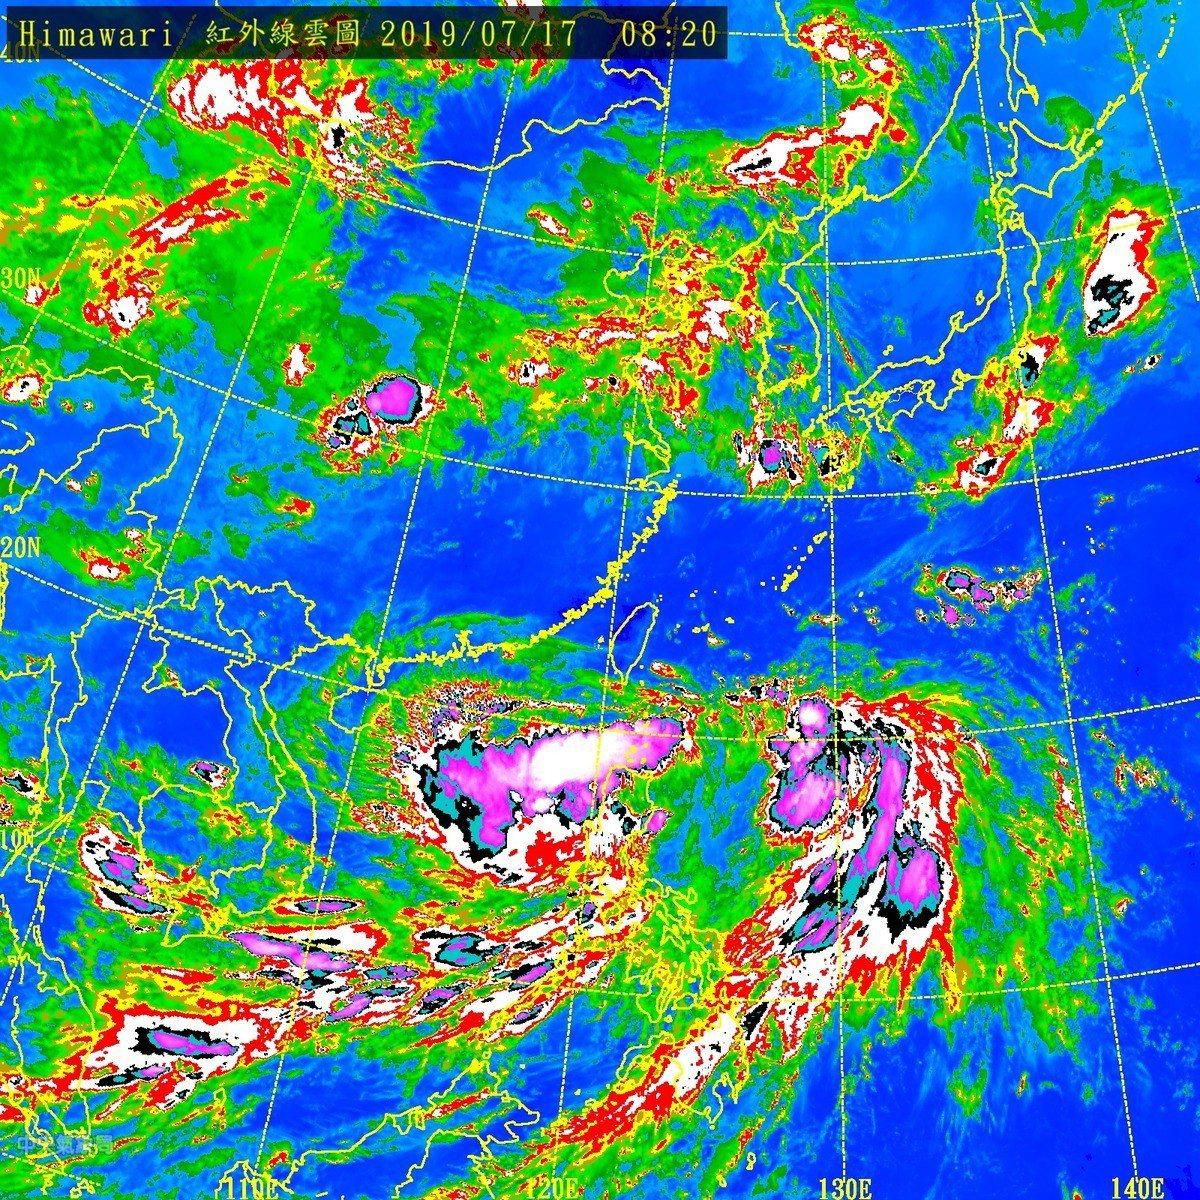 丹娜絲颱風動態。 圖擷自天氣與氣候監測網